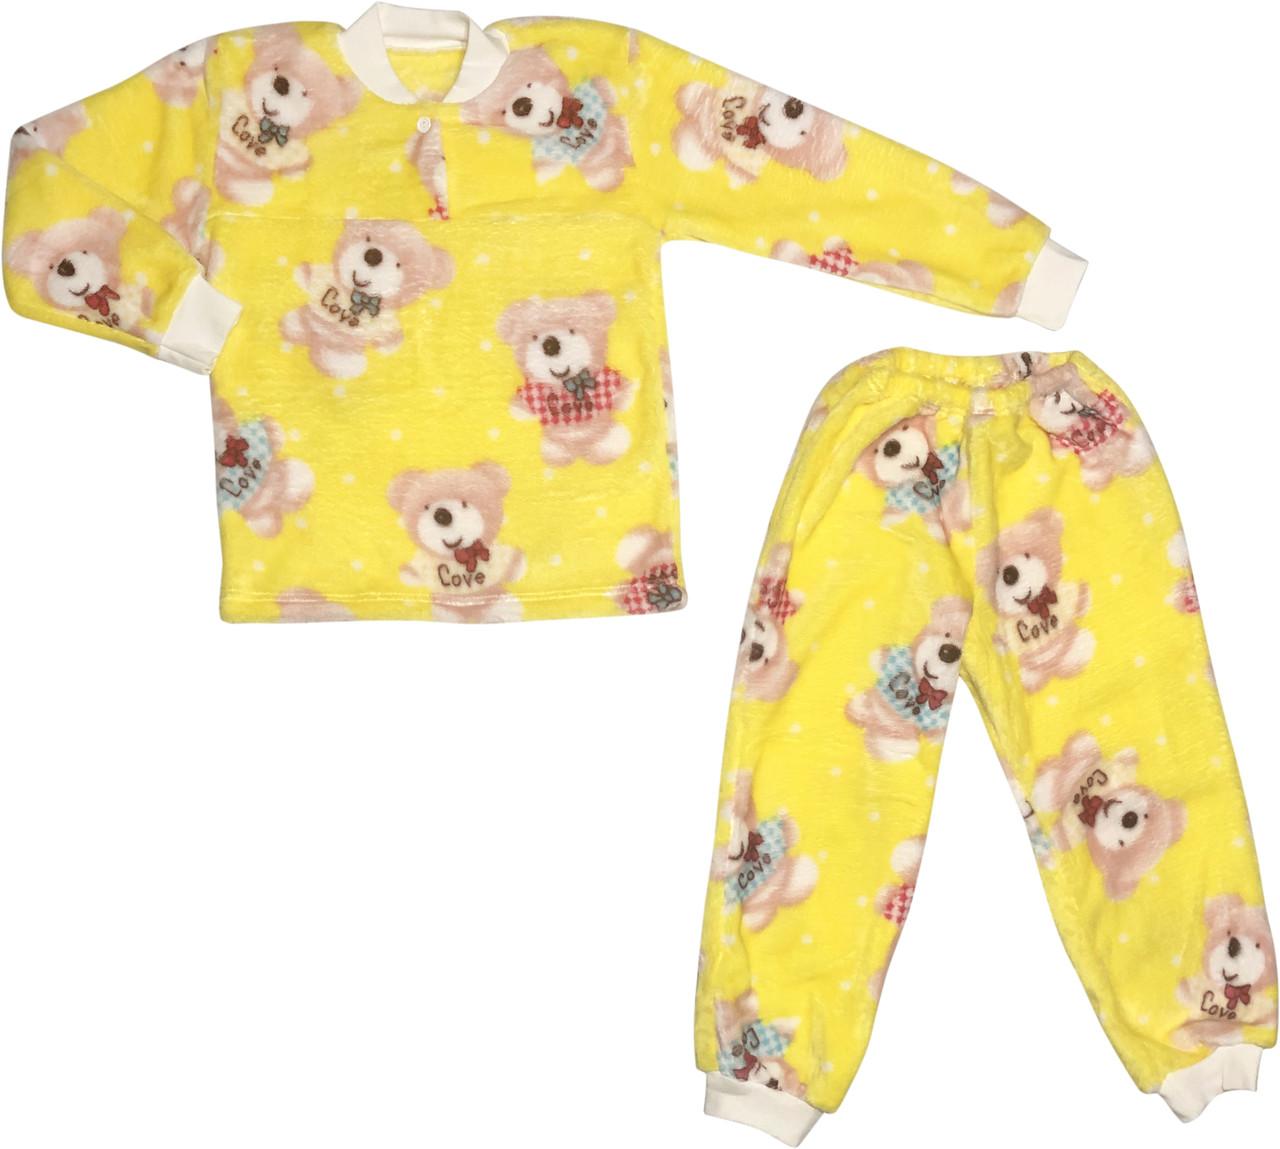 Дитяча тепла піжама ріст 104 (3-4 роки) махра жовтий на хлопчика/дівчинку для дітей Ж-841